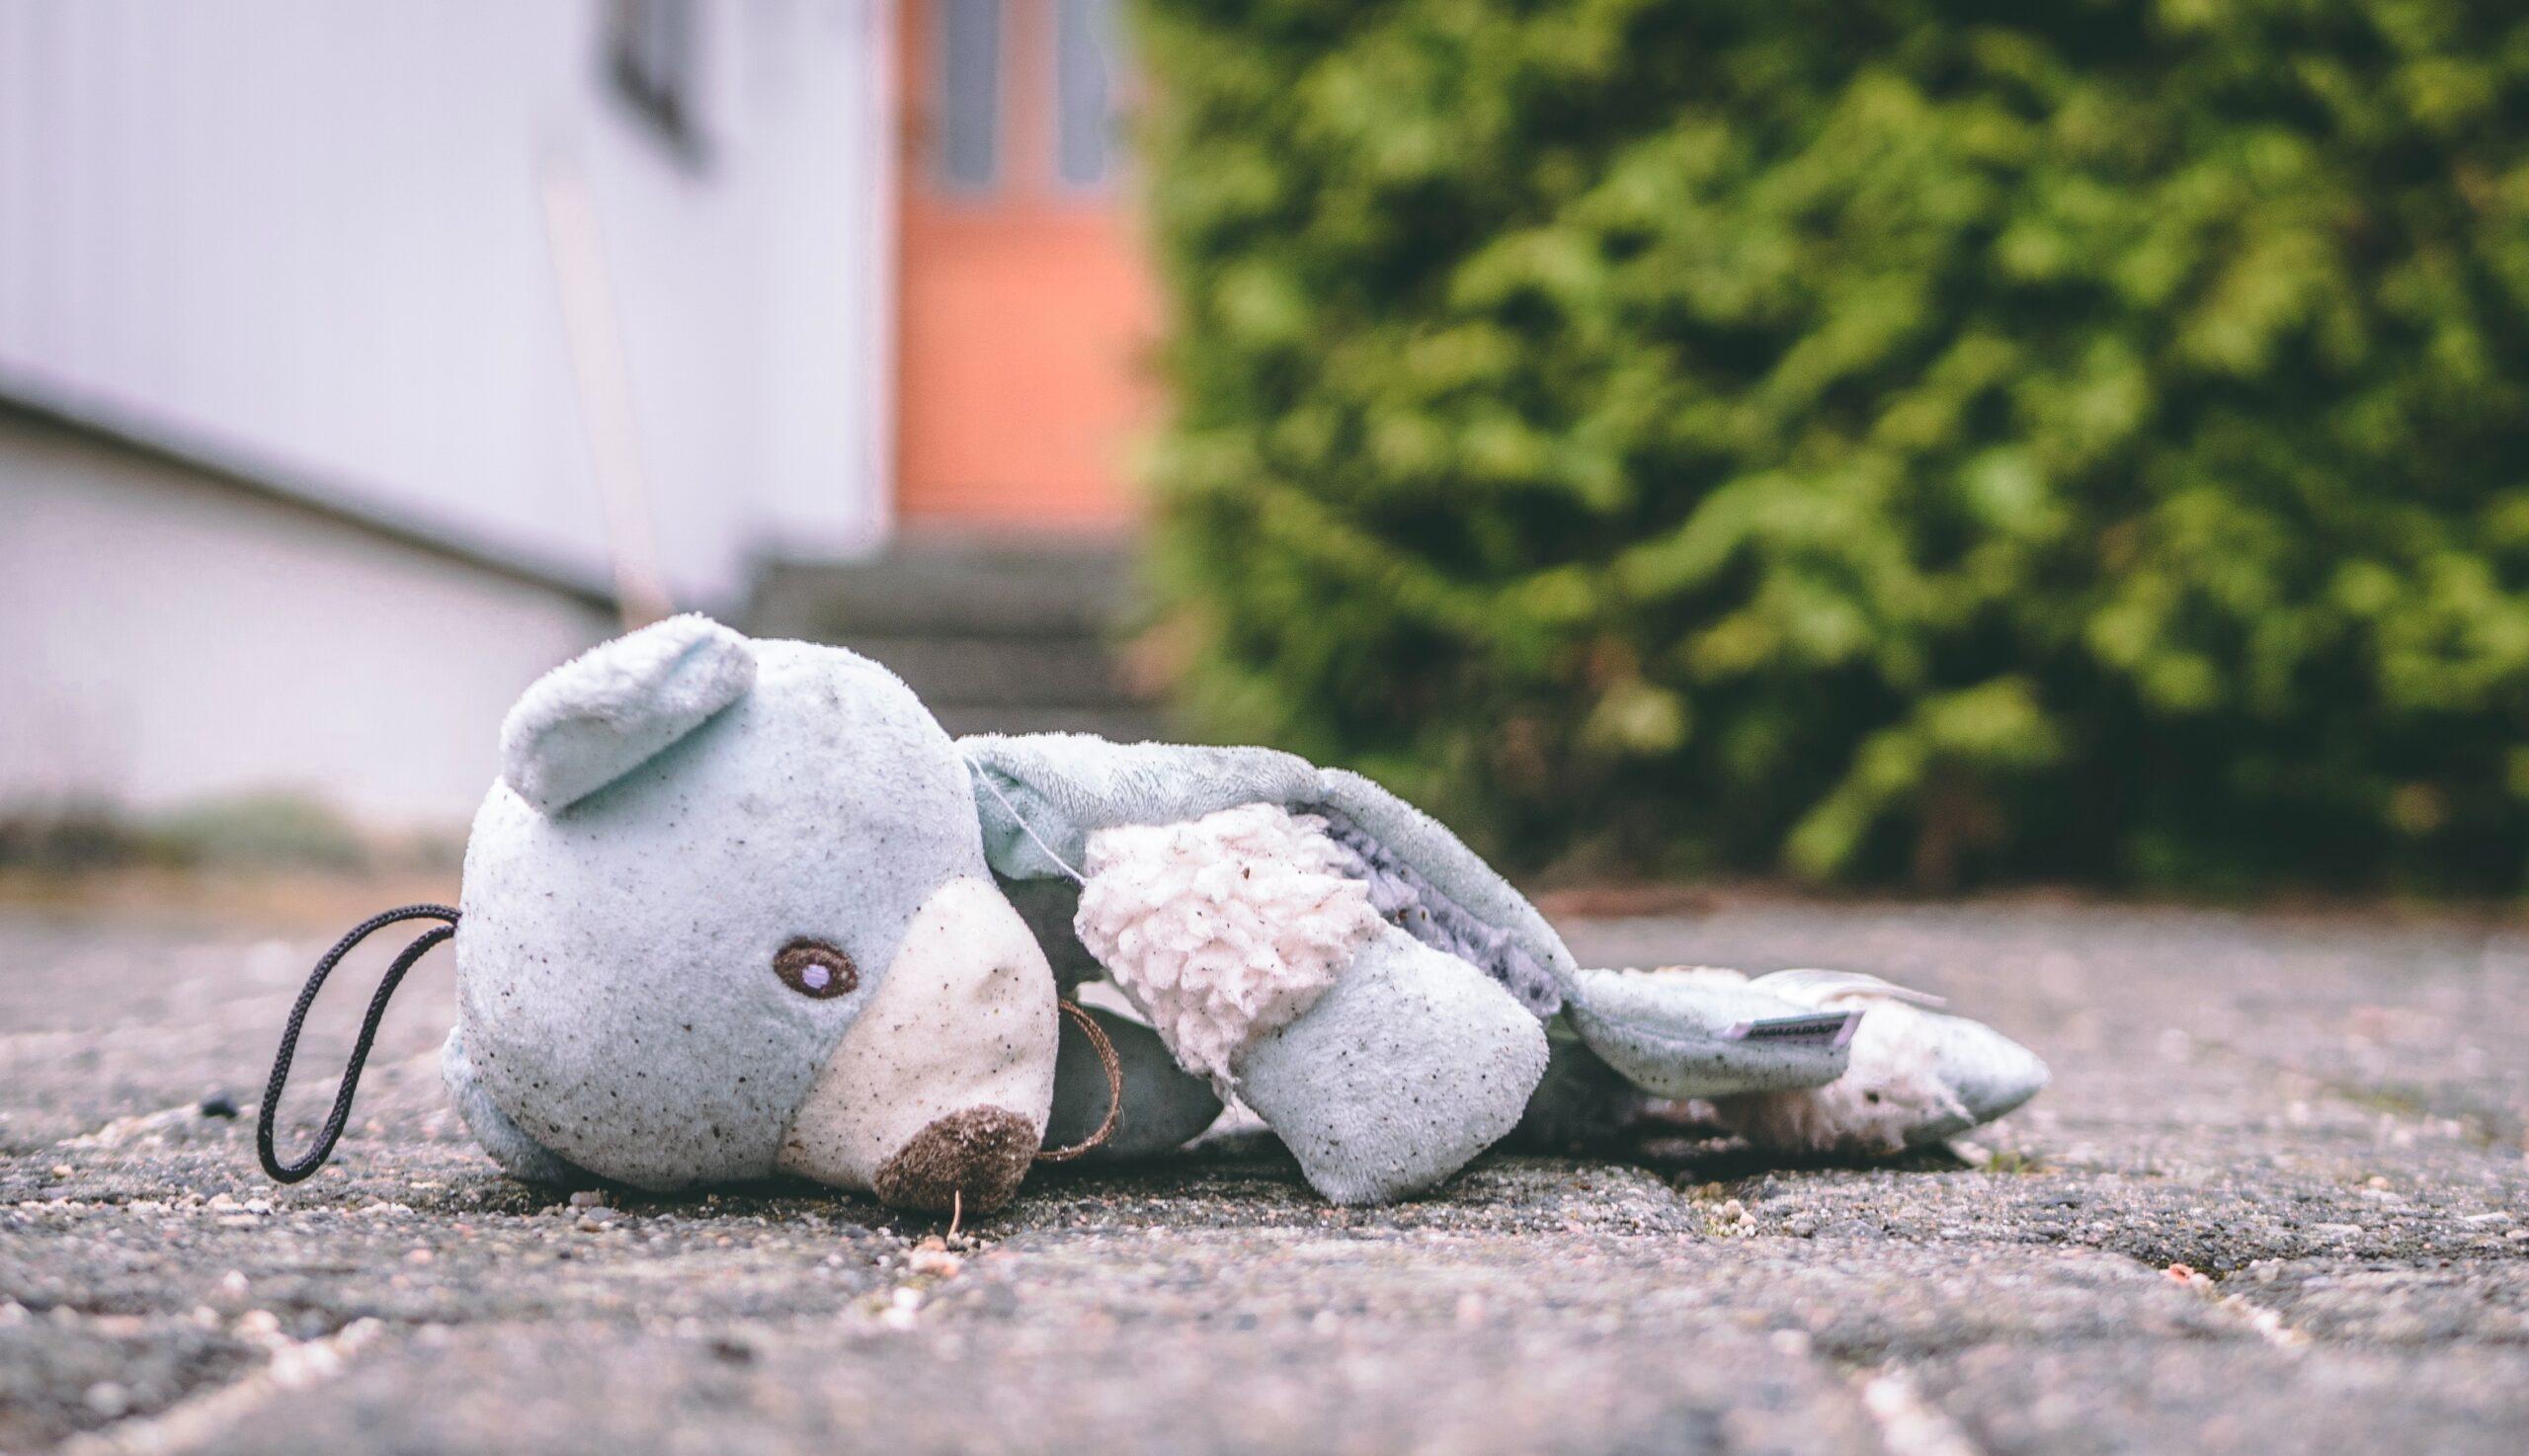 ネットいじめの感情の例とメカニズムは?ネットいじめの原因と対処法